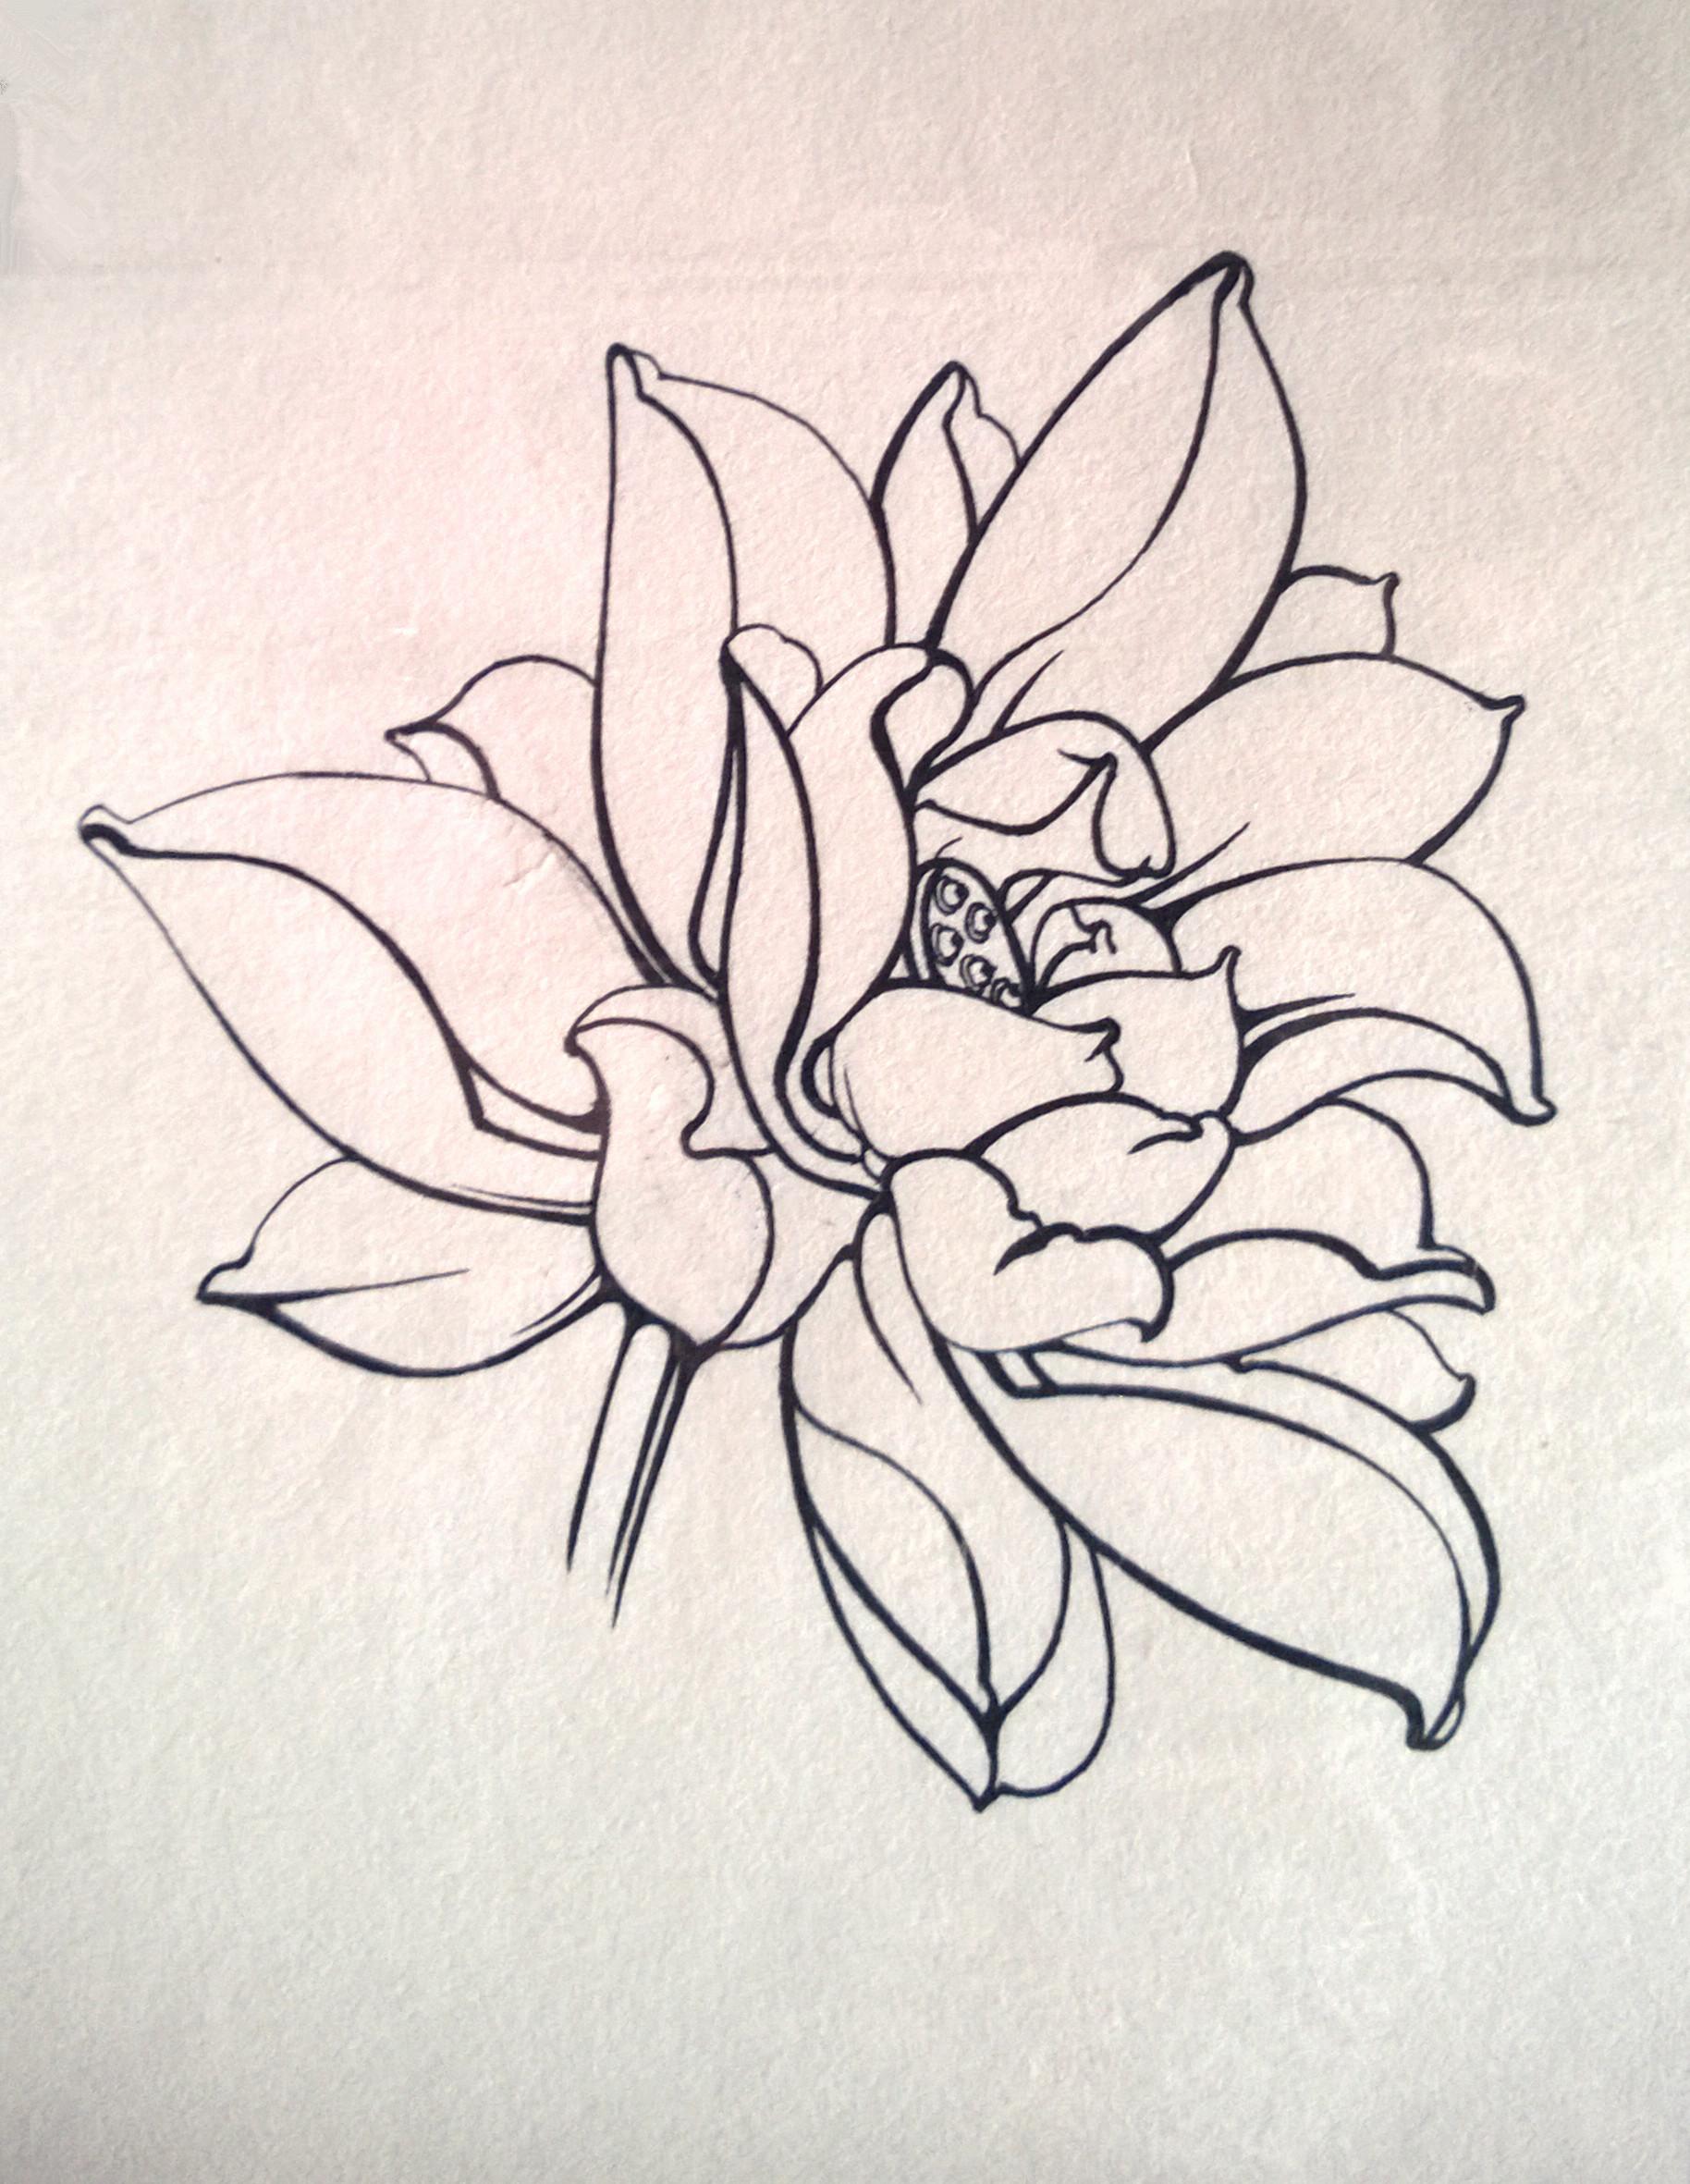 针管笔手绘小练笔